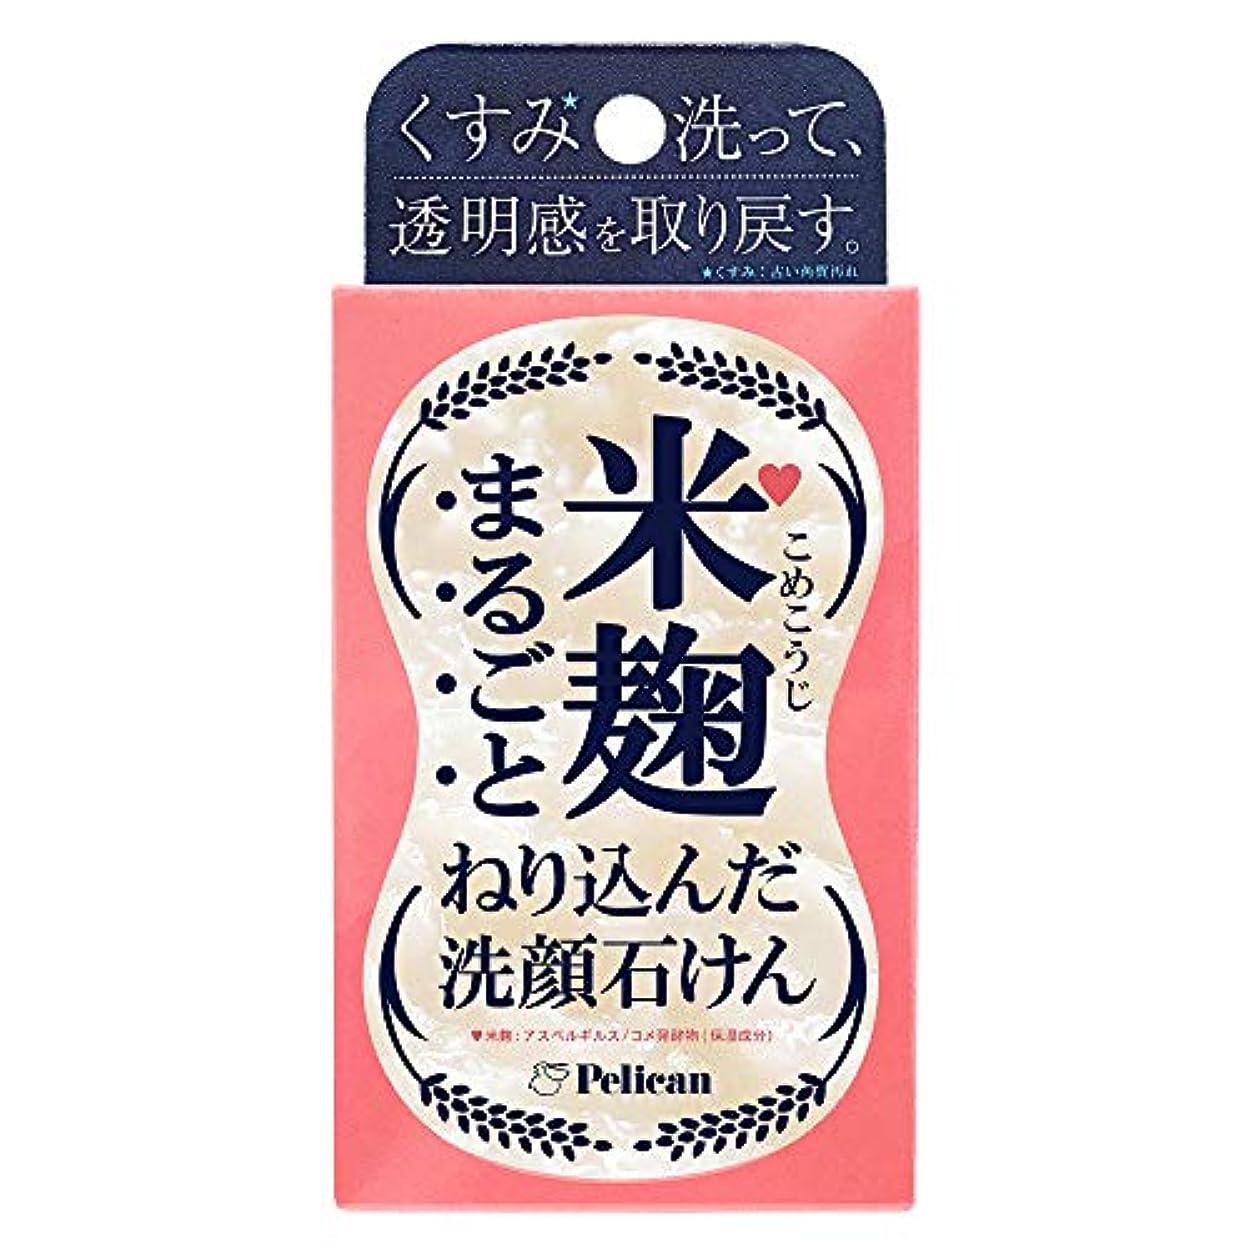 肘掛け椅子メールを書くシンクペリカン石鹸 米麹まるごとねり込んだ洗顔石けん 75g